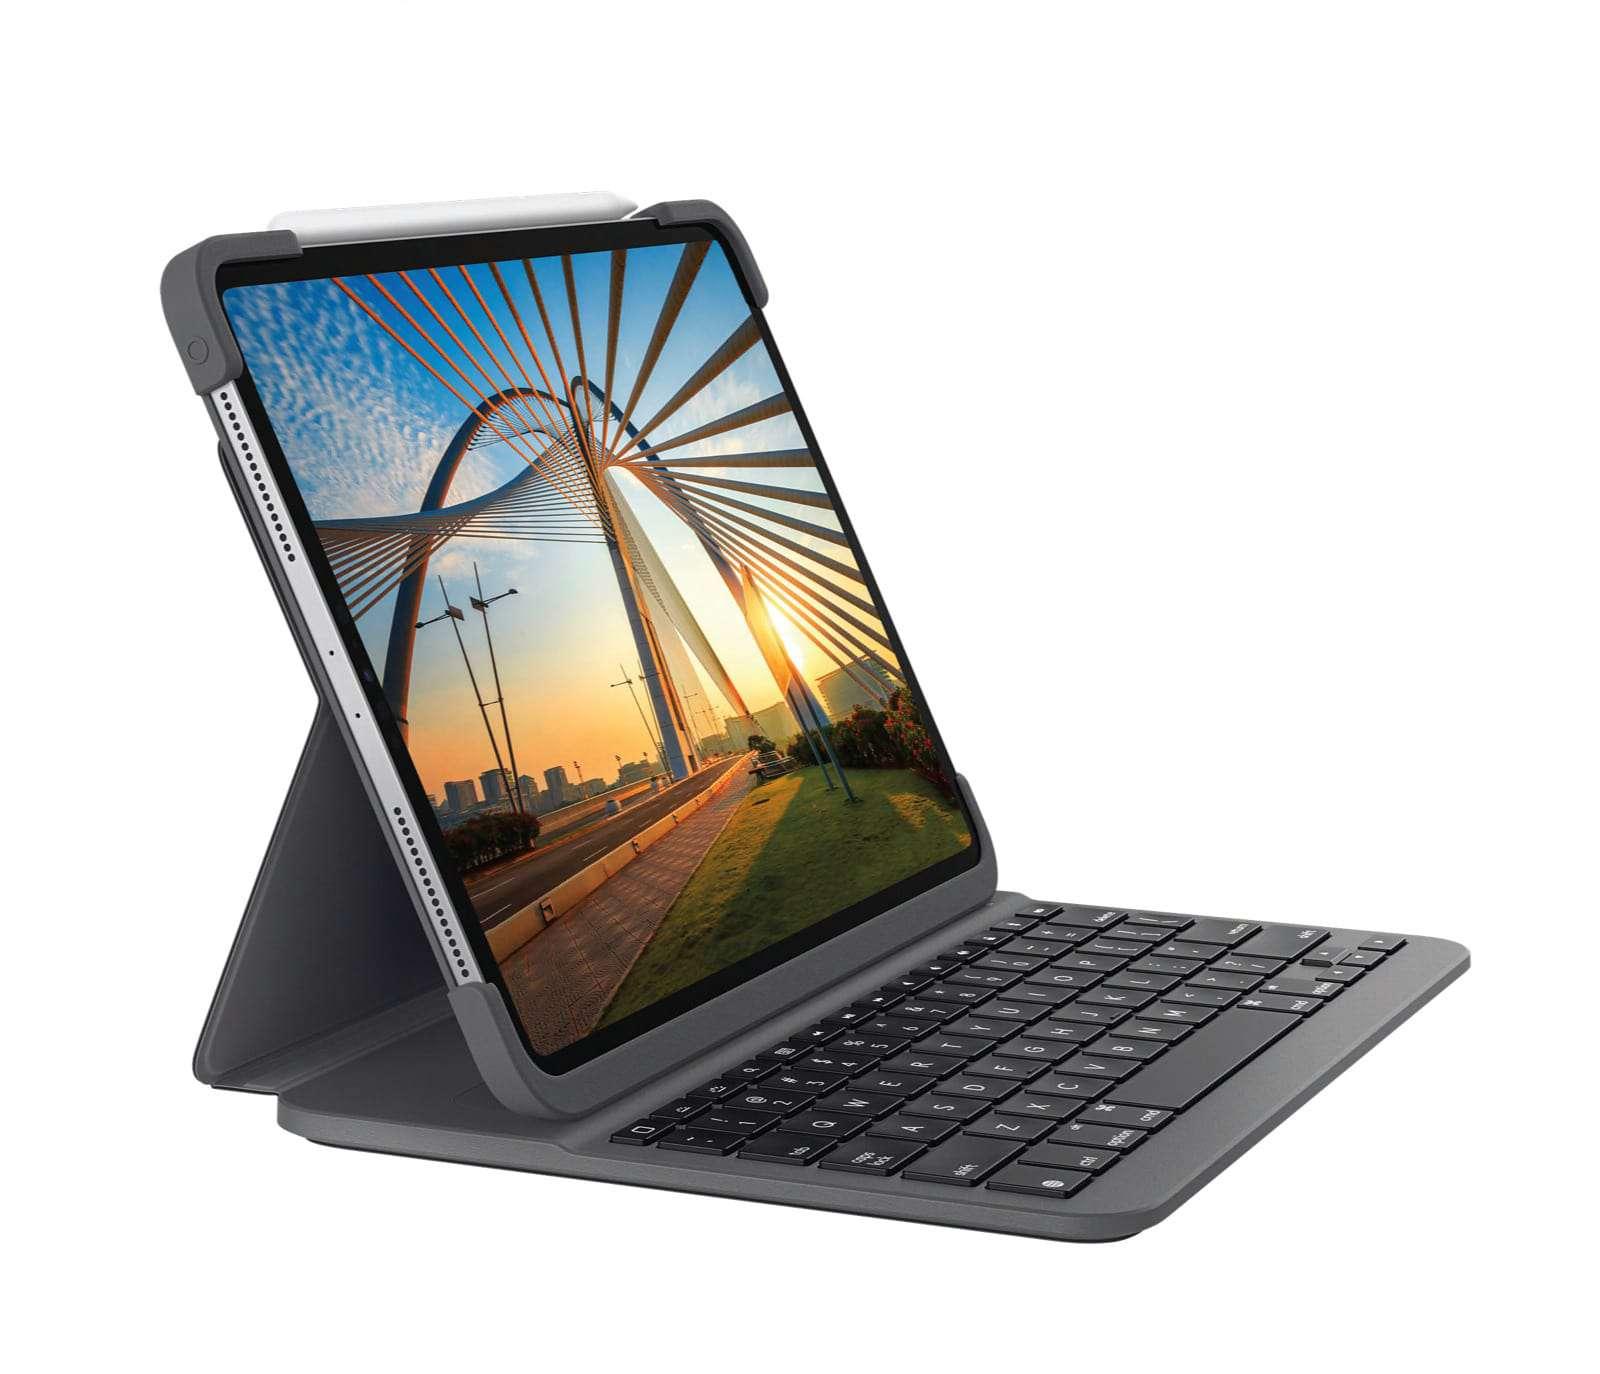 iPad Pro 11 için Logitech Slim Folio Pro Klavye 920-009690